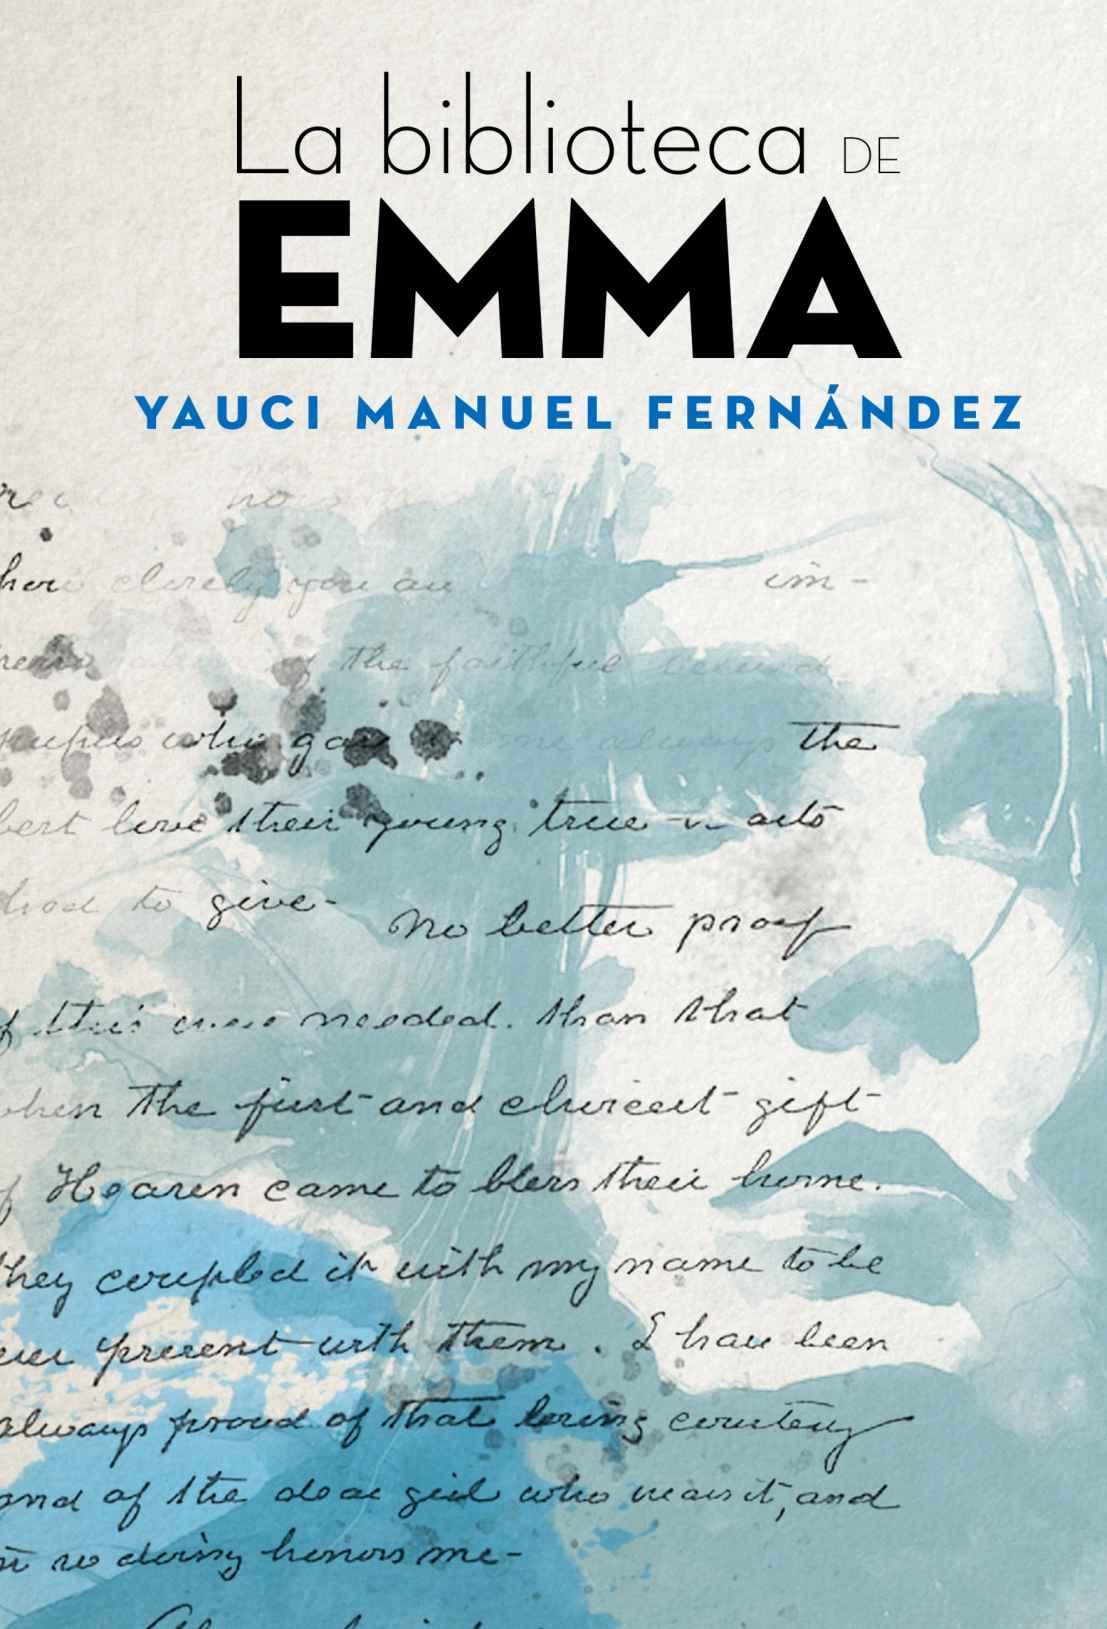 La biblioteca de Emma - Yauci Manuel Fernández